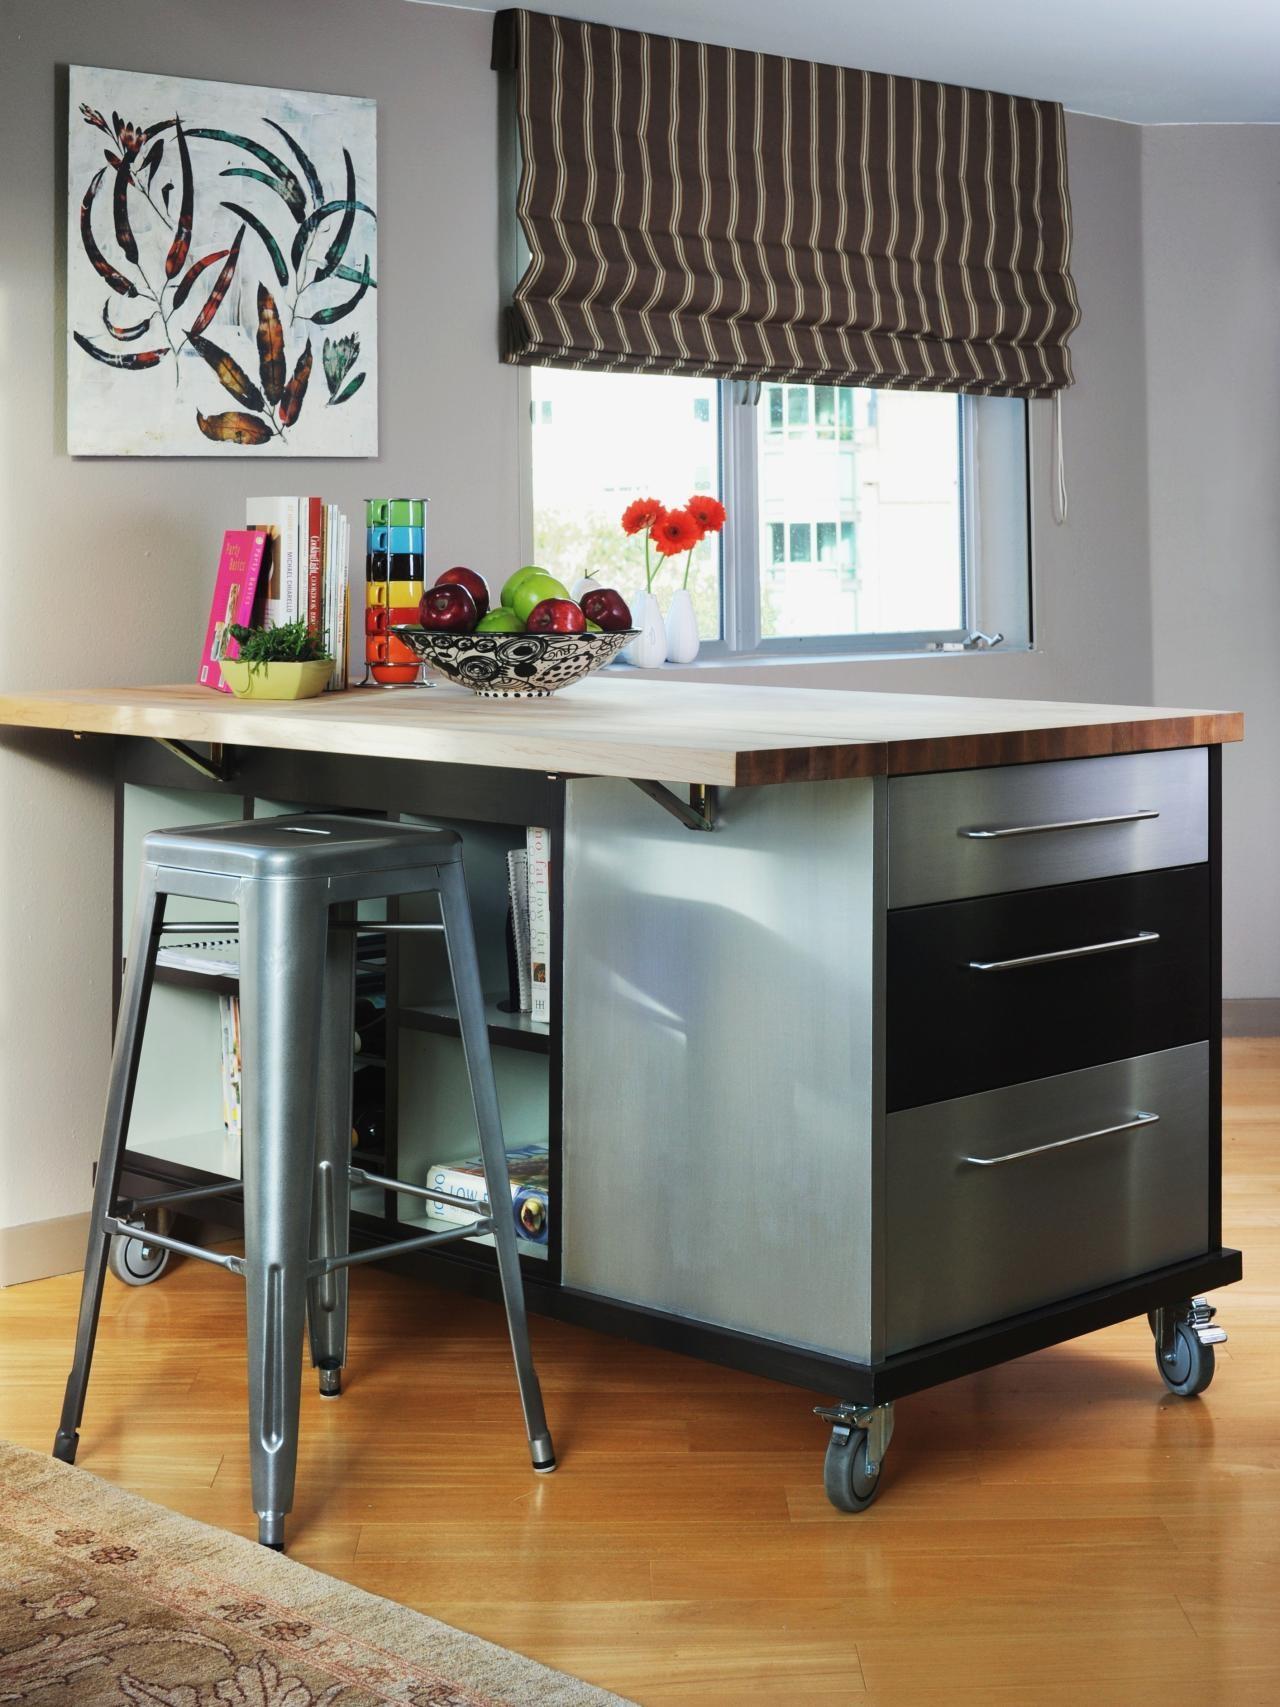 Мобильный кухонный остров - практичный и удобный элемент кухонного интерьера